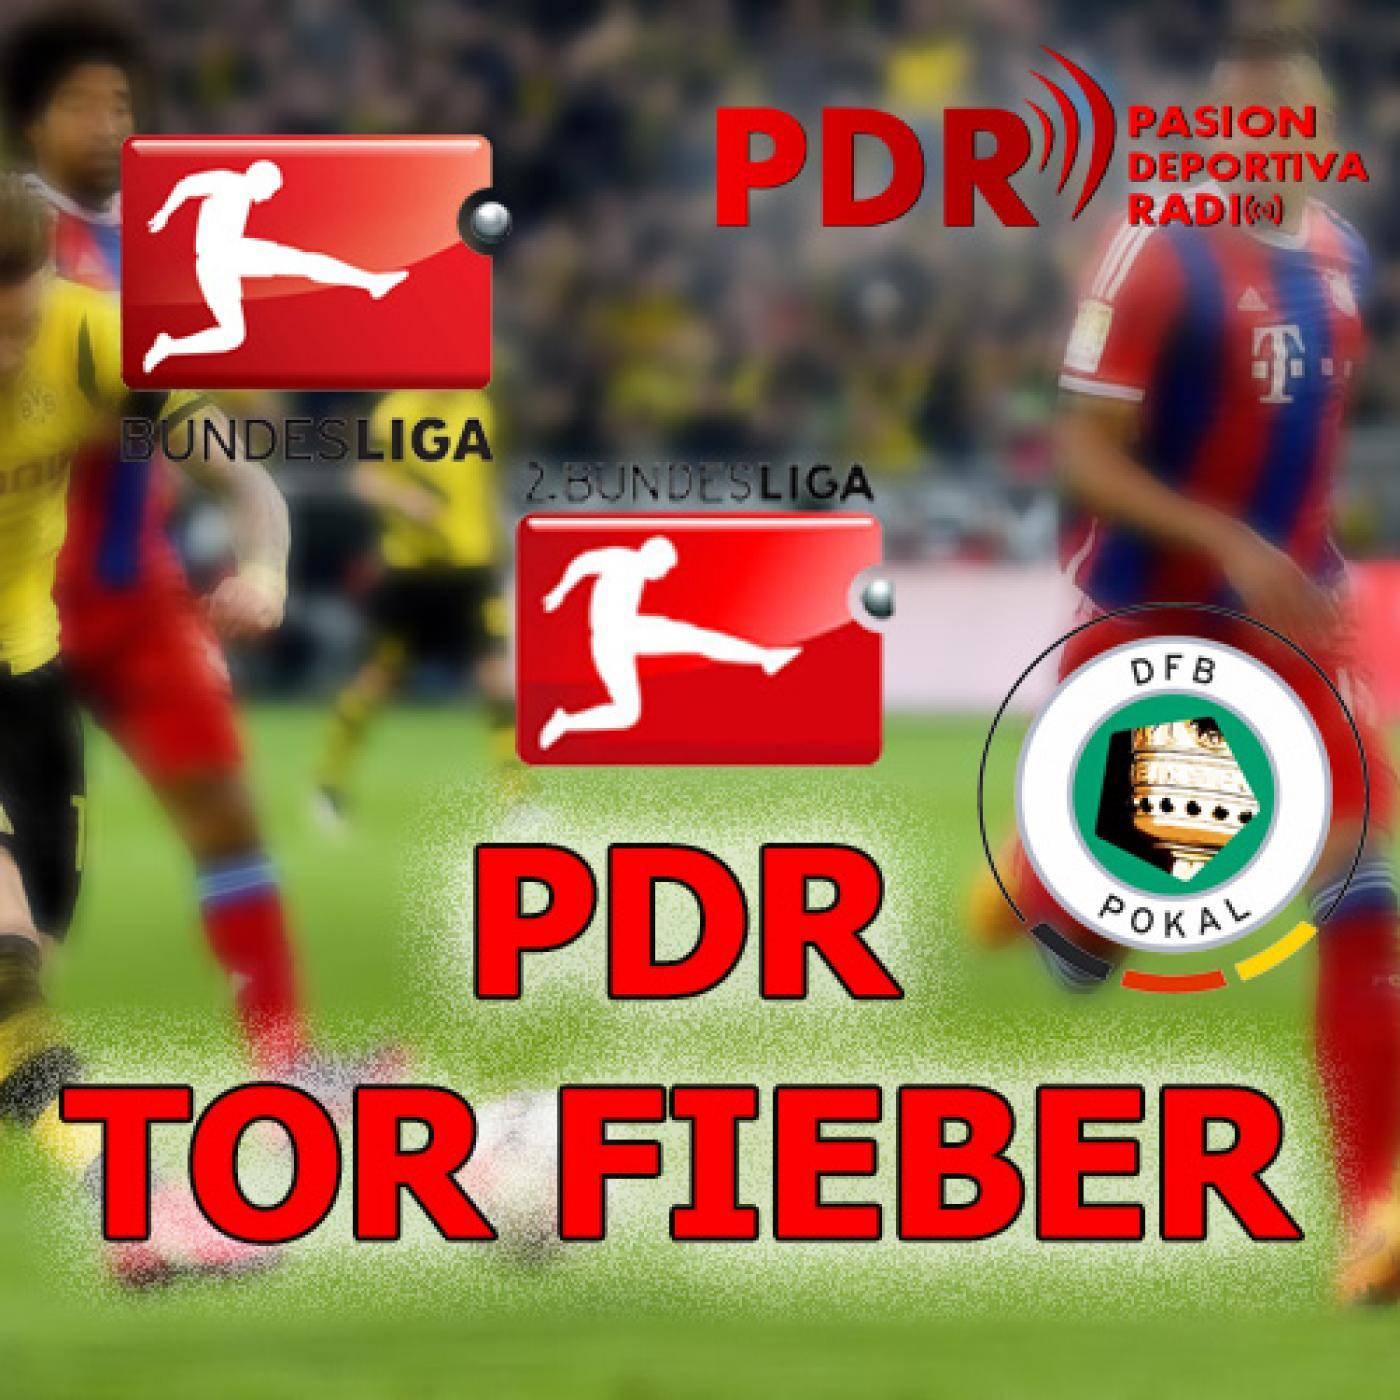 <![CDATA[Programa PDR Tor Fieber]]>